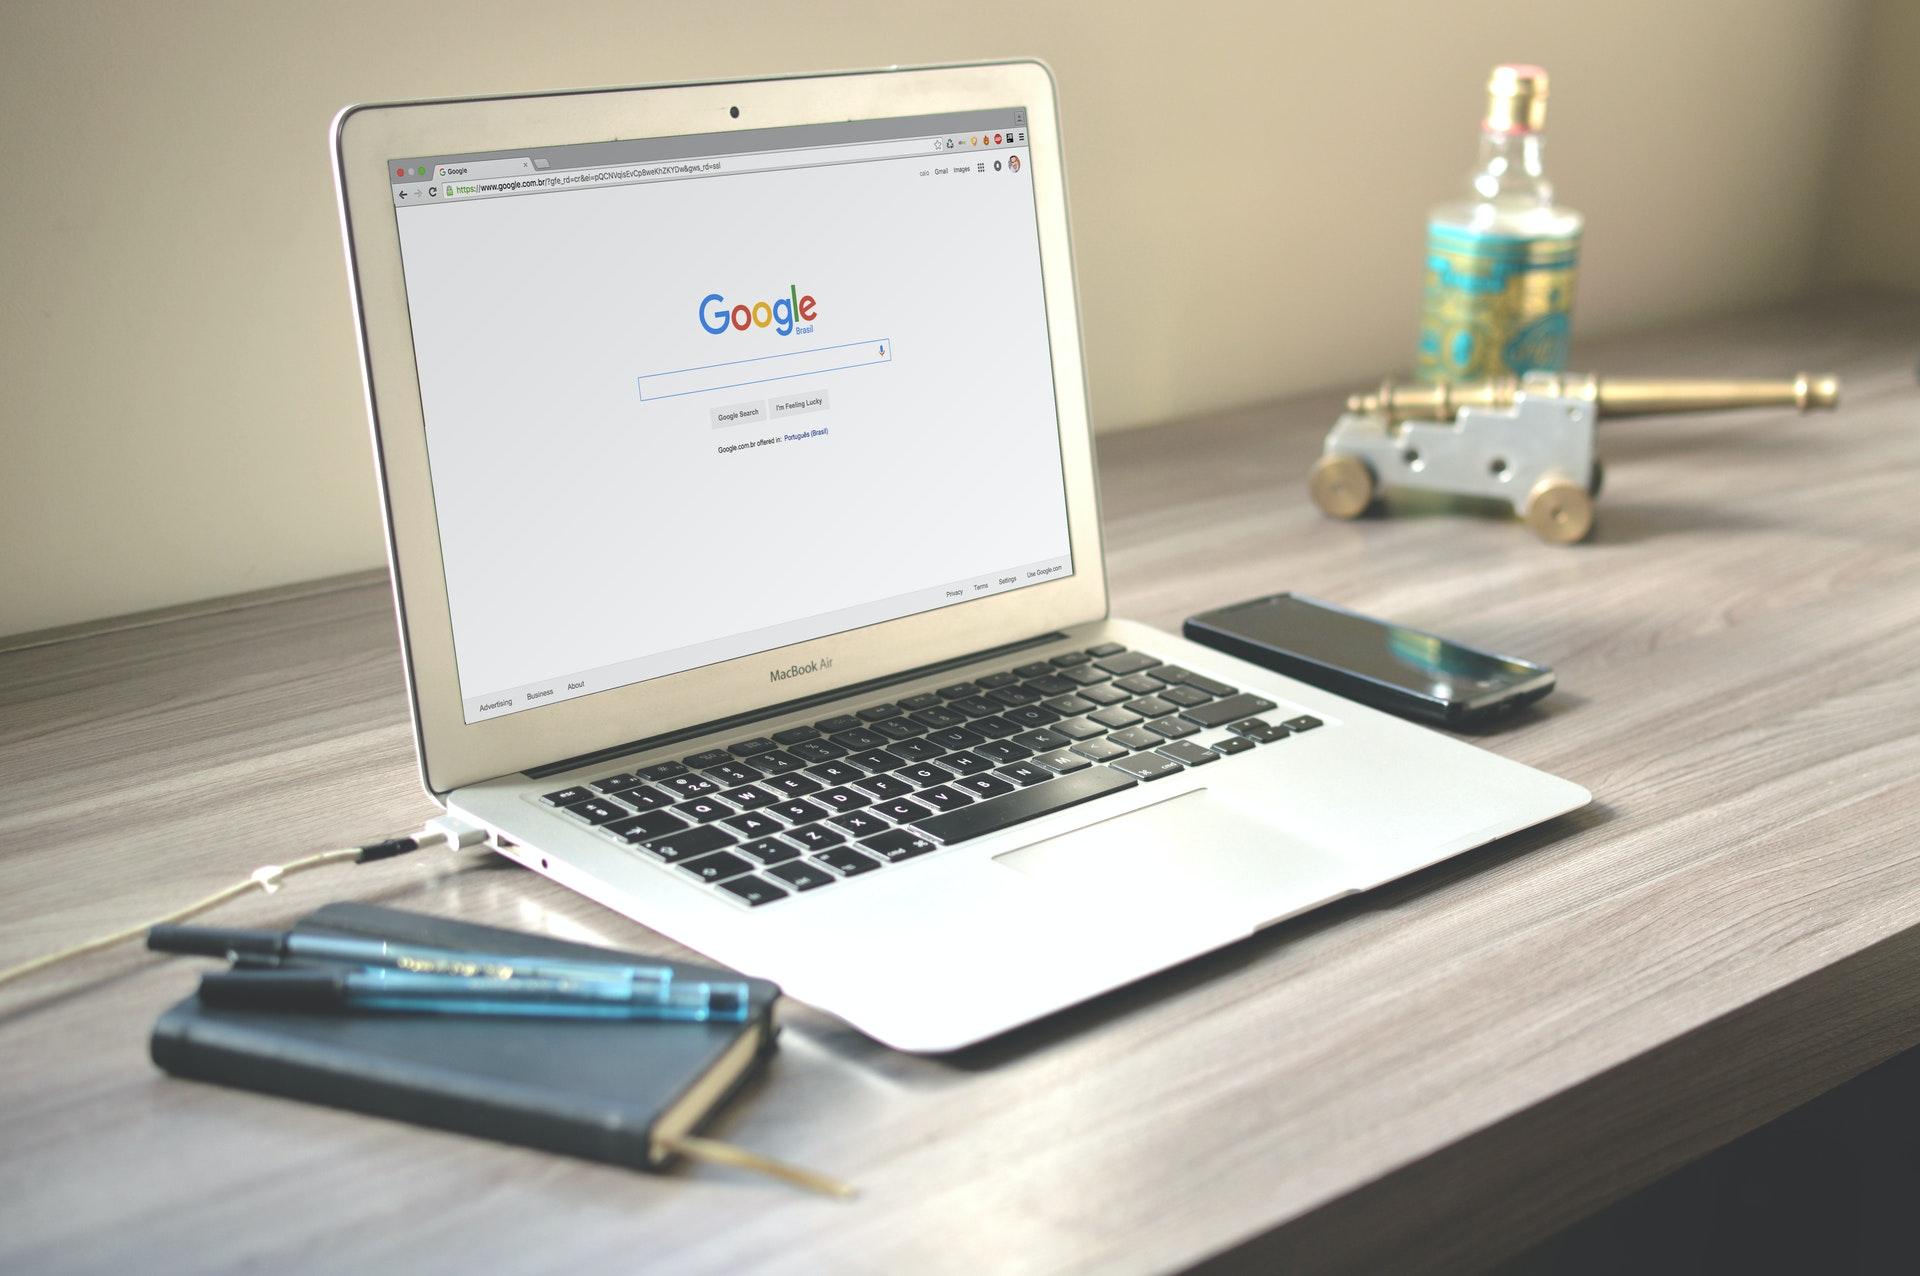 macbook air sur bureau onglet google ouvert SEO à réfléchir